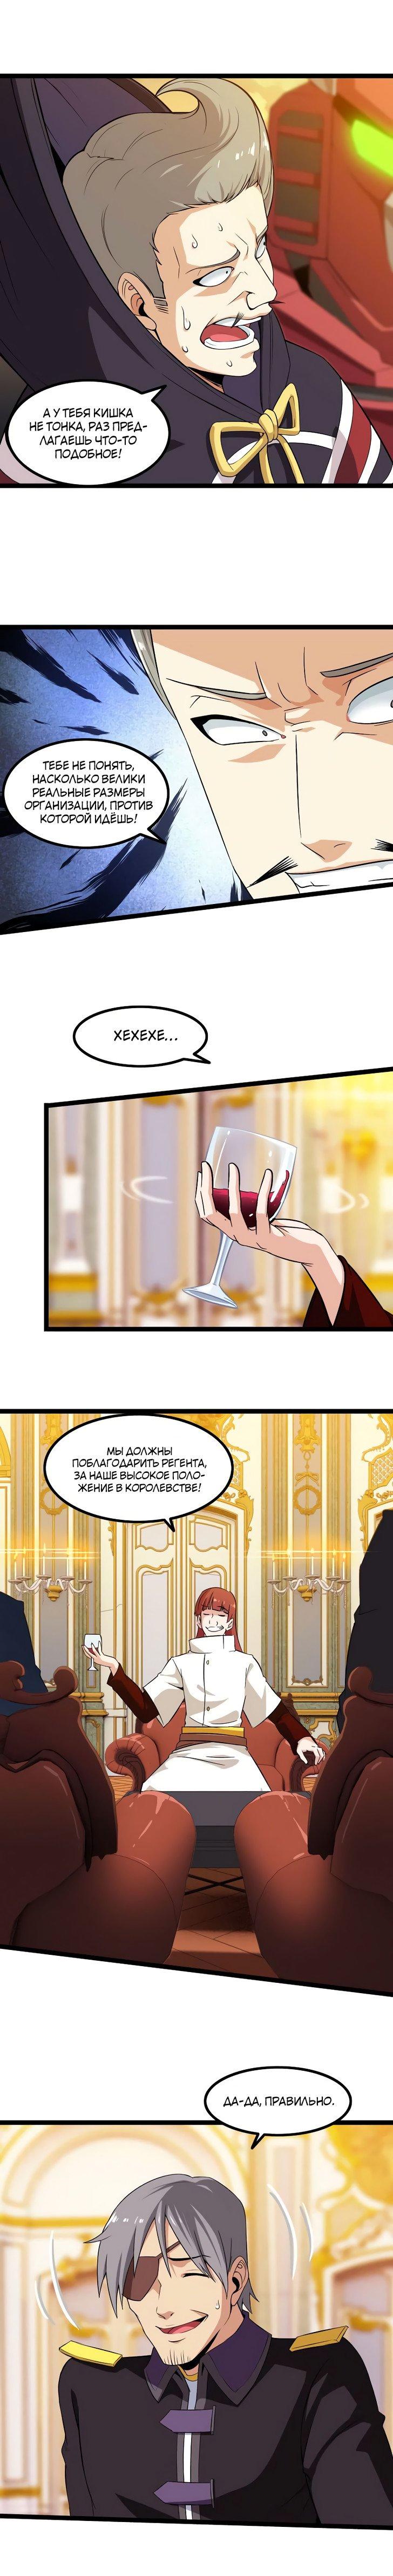 Манга Моя жена — королева демонов / My Wife is a Demon Queen  - Том 1 Глава 43 Страница 4